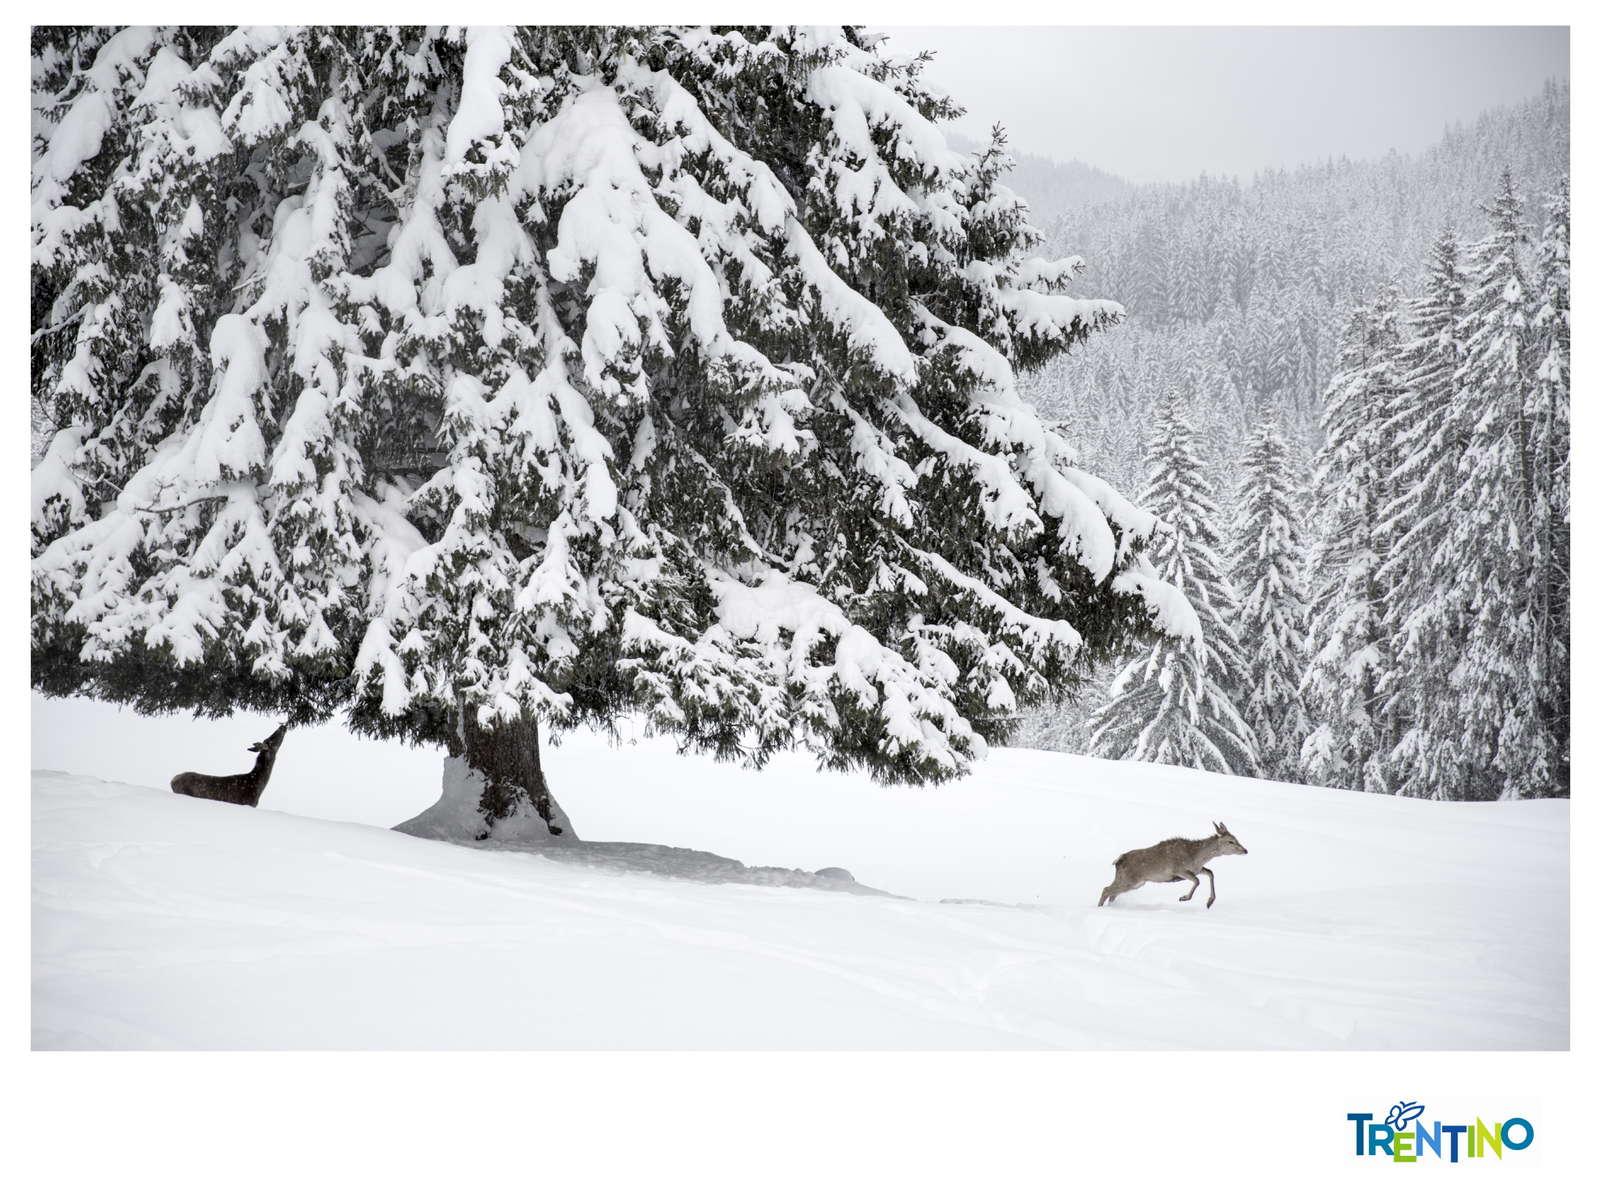 Trentino_Corporate03